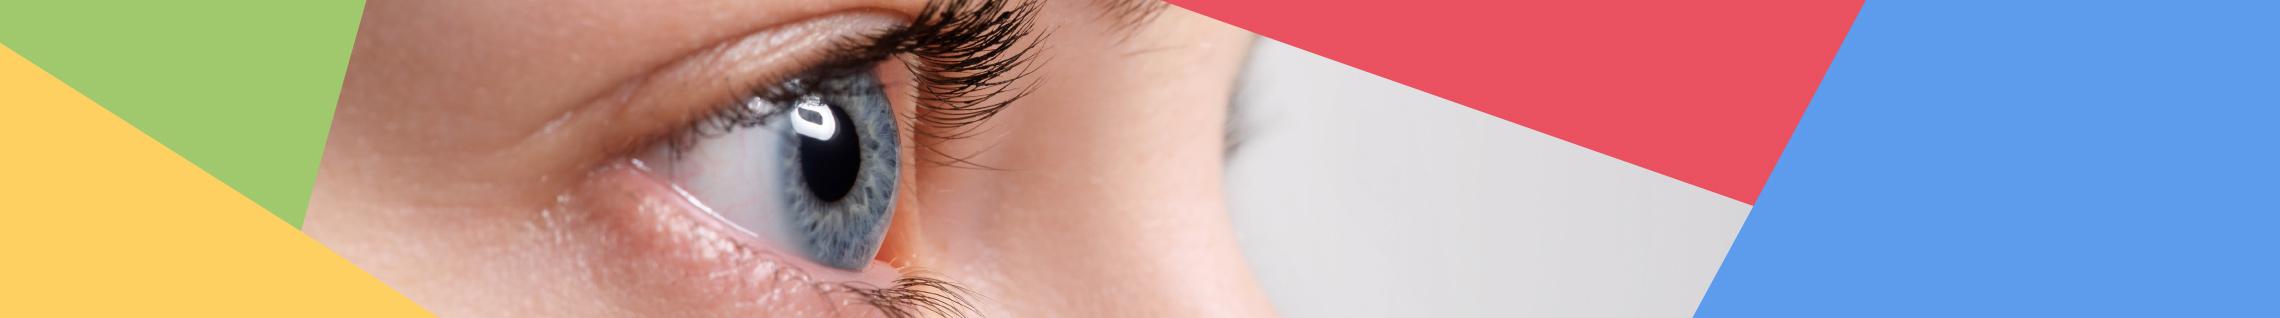 Wir erklären Augenerkrankungen, Untersuchungsmethoden und Operationen umfassend